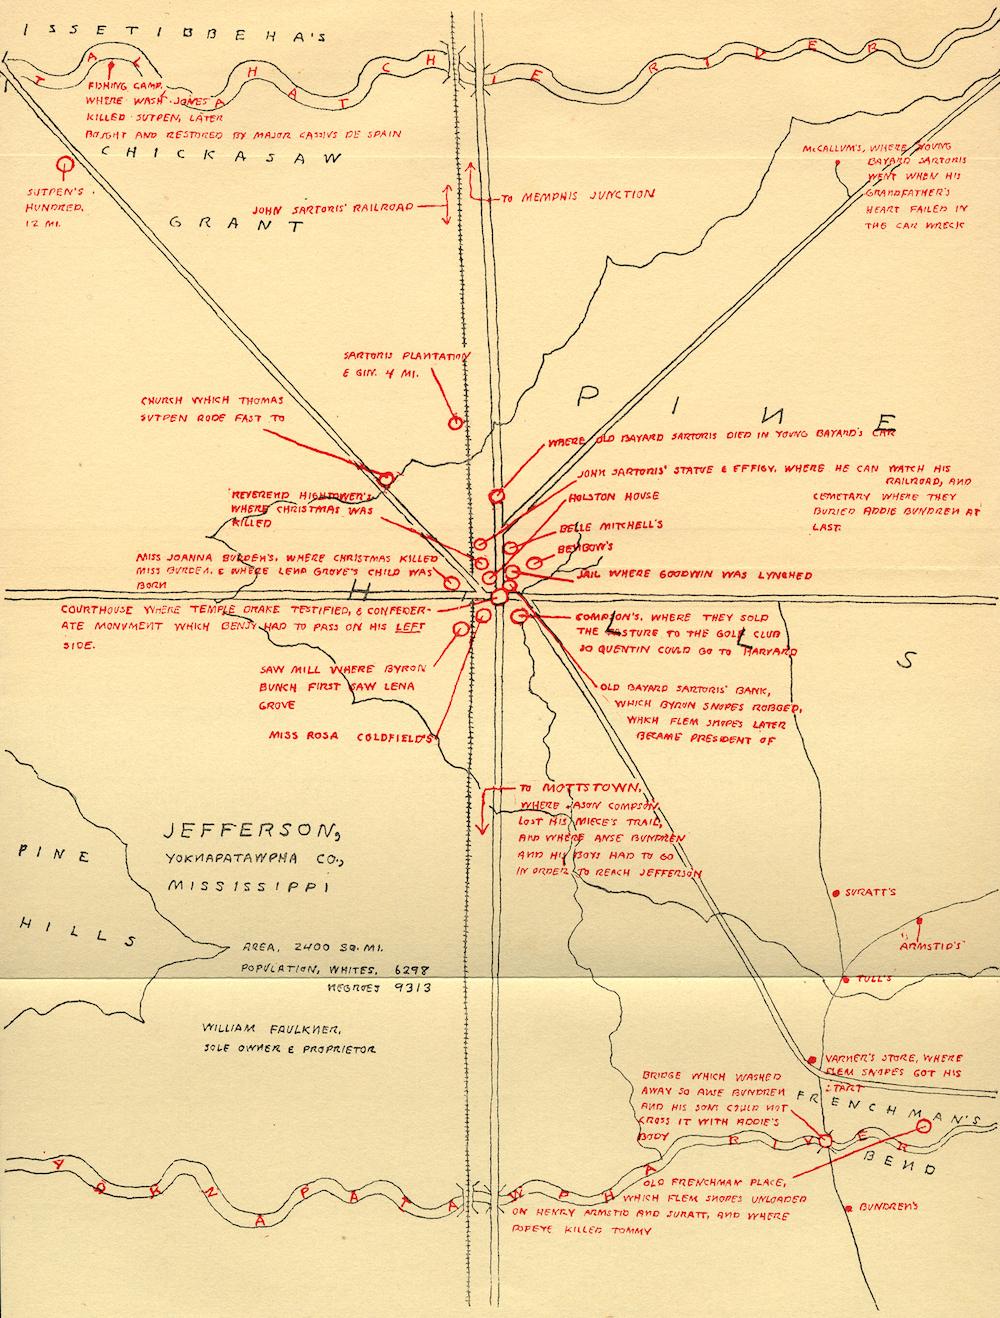 faulkner-Absalom map